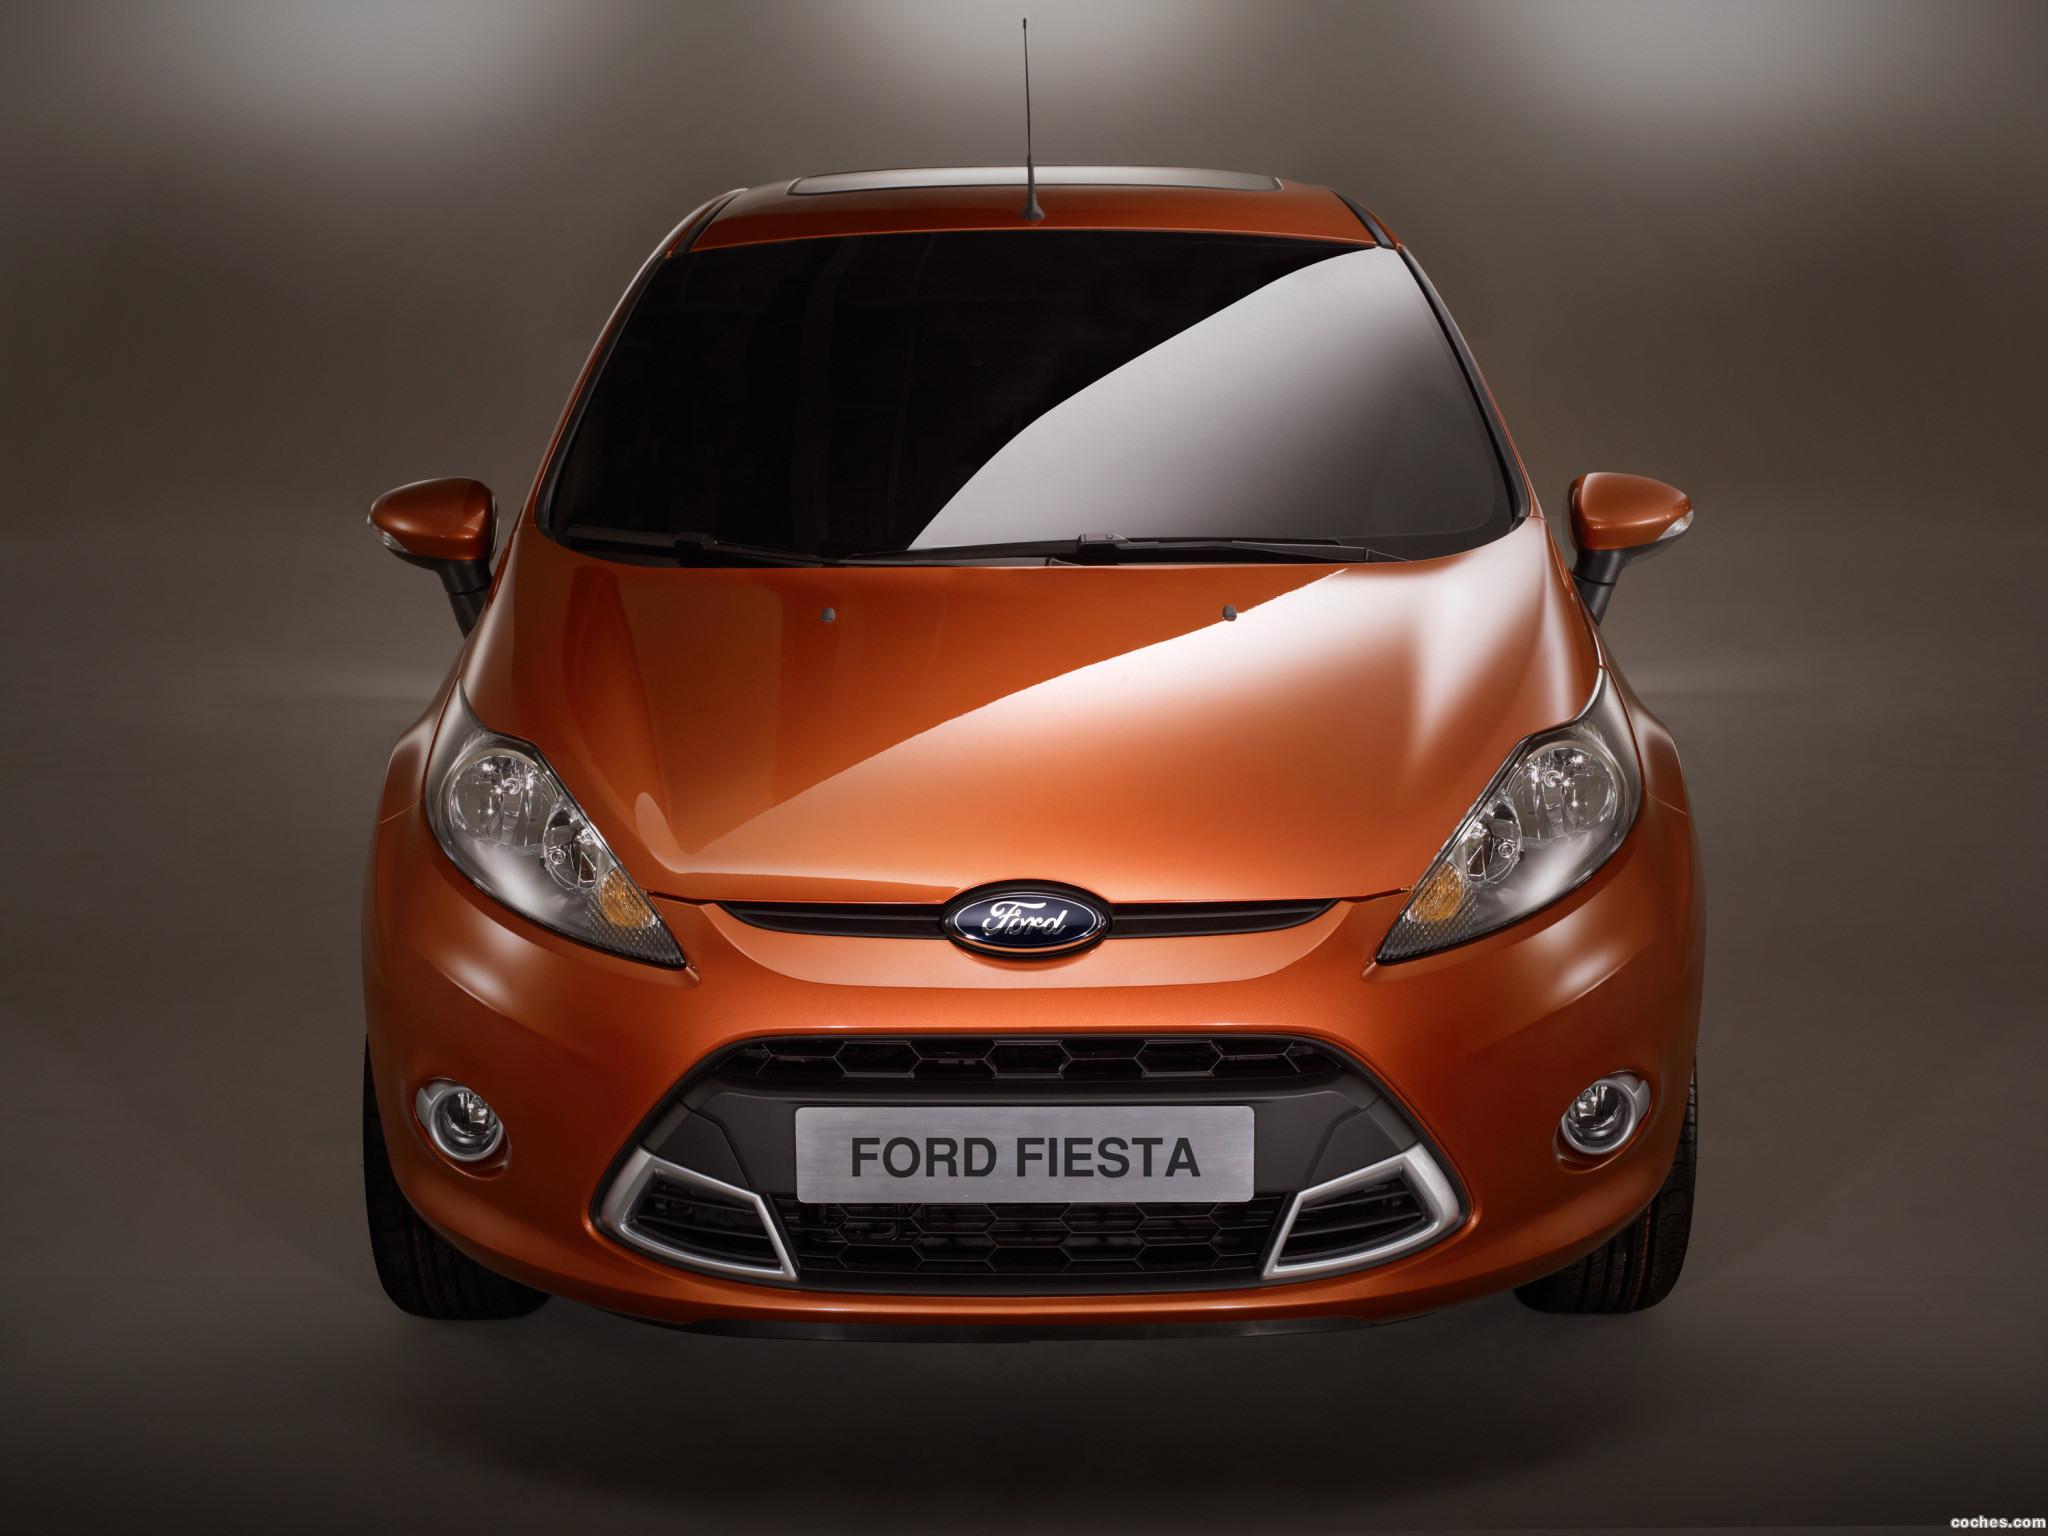 Foto 1 de Ford Fiesta S 2008